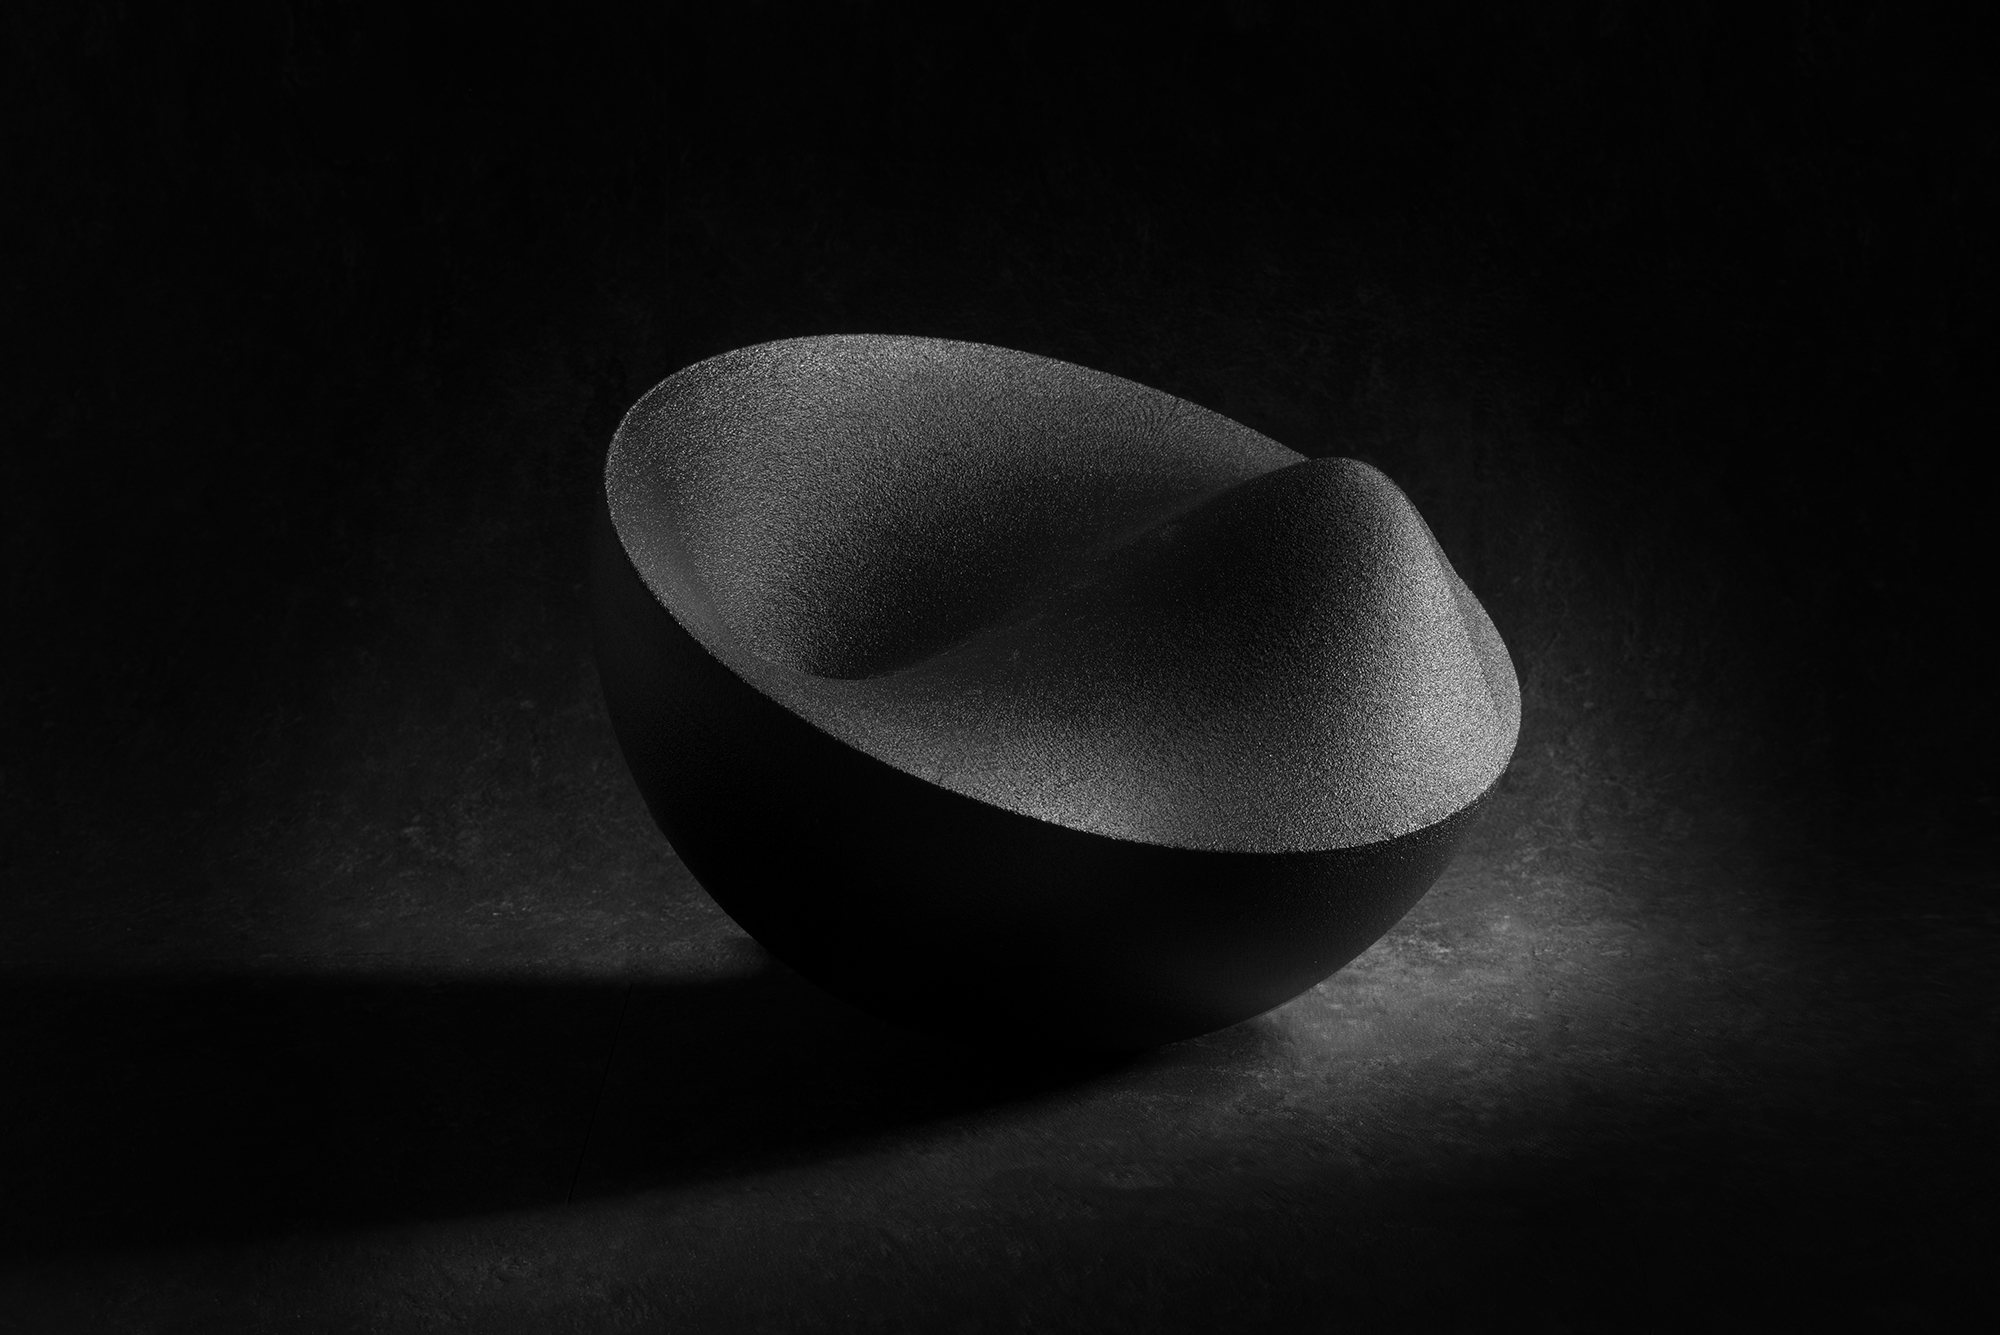 Hemi-Sphere II